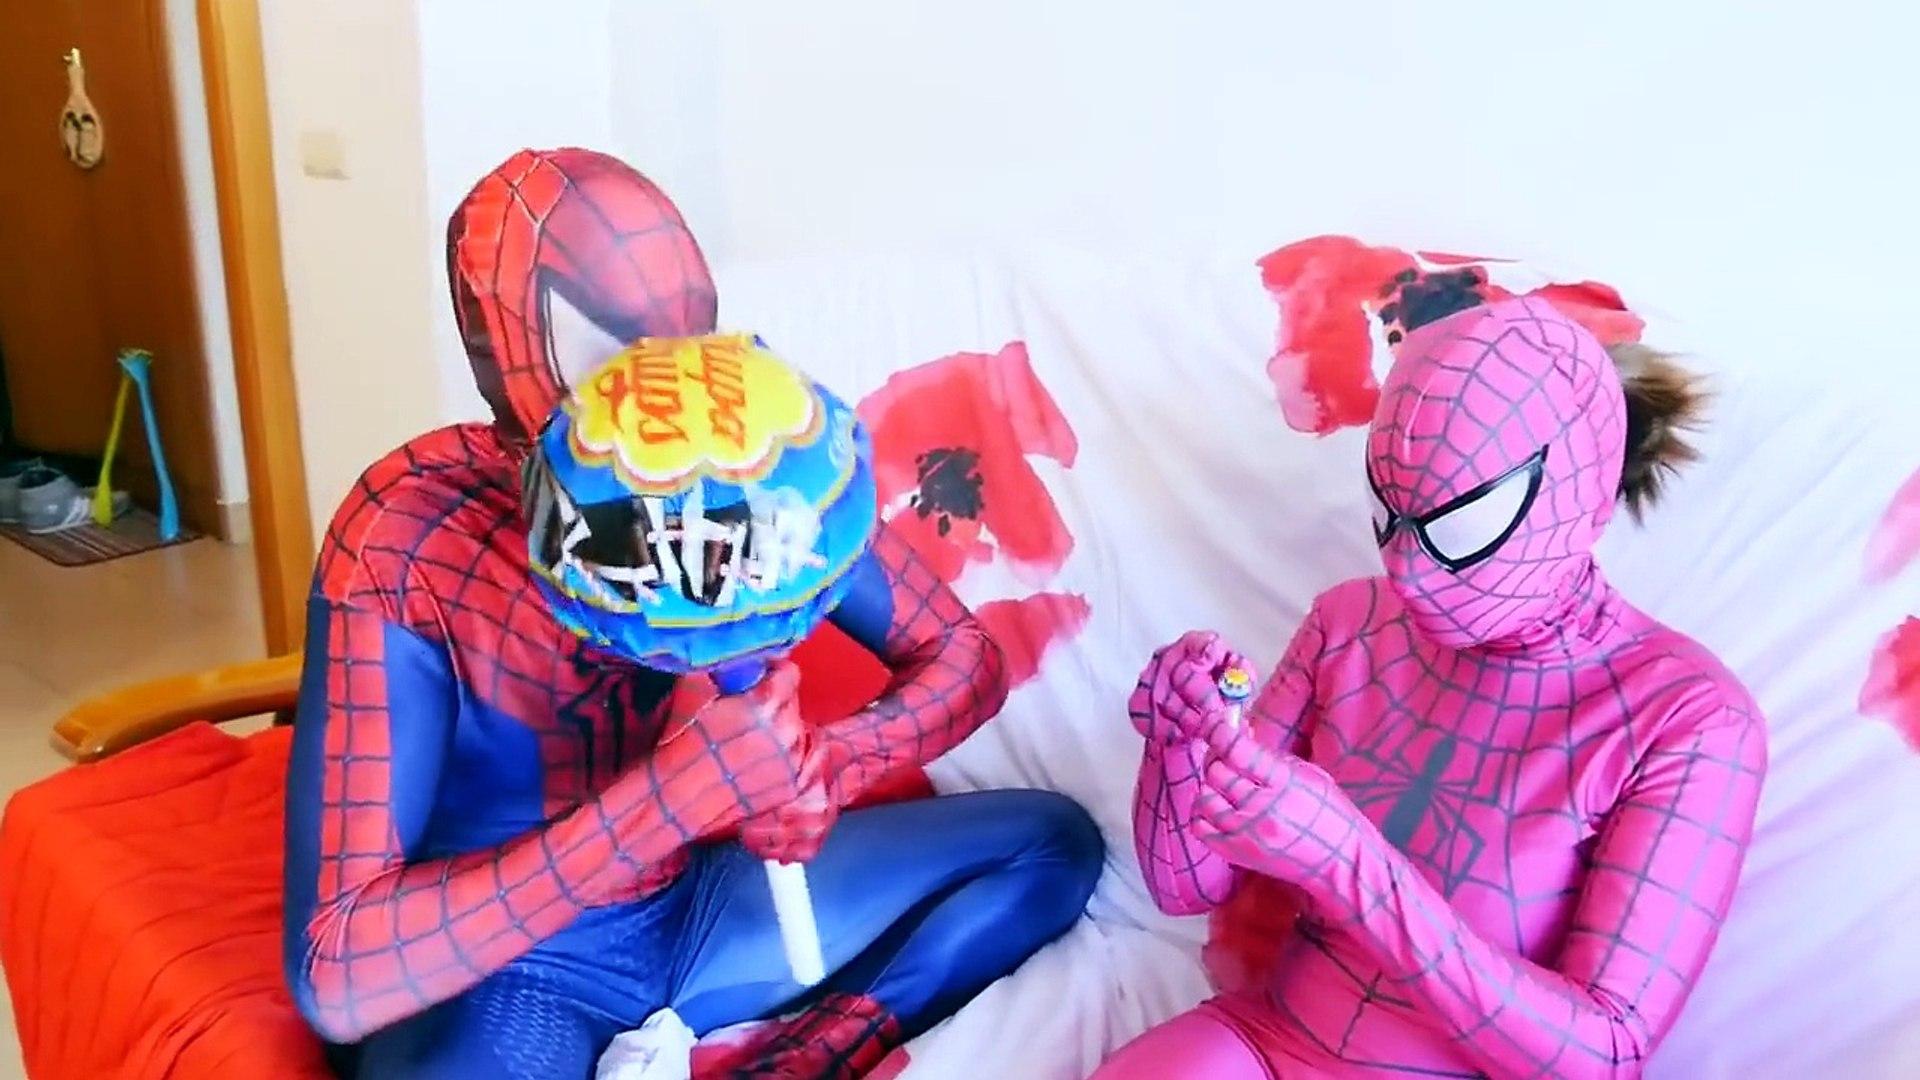 SPIDERMAN vs PINK SPIDERGIRL! Gummy JOKER TONGUE Giant Lollipop PART 3